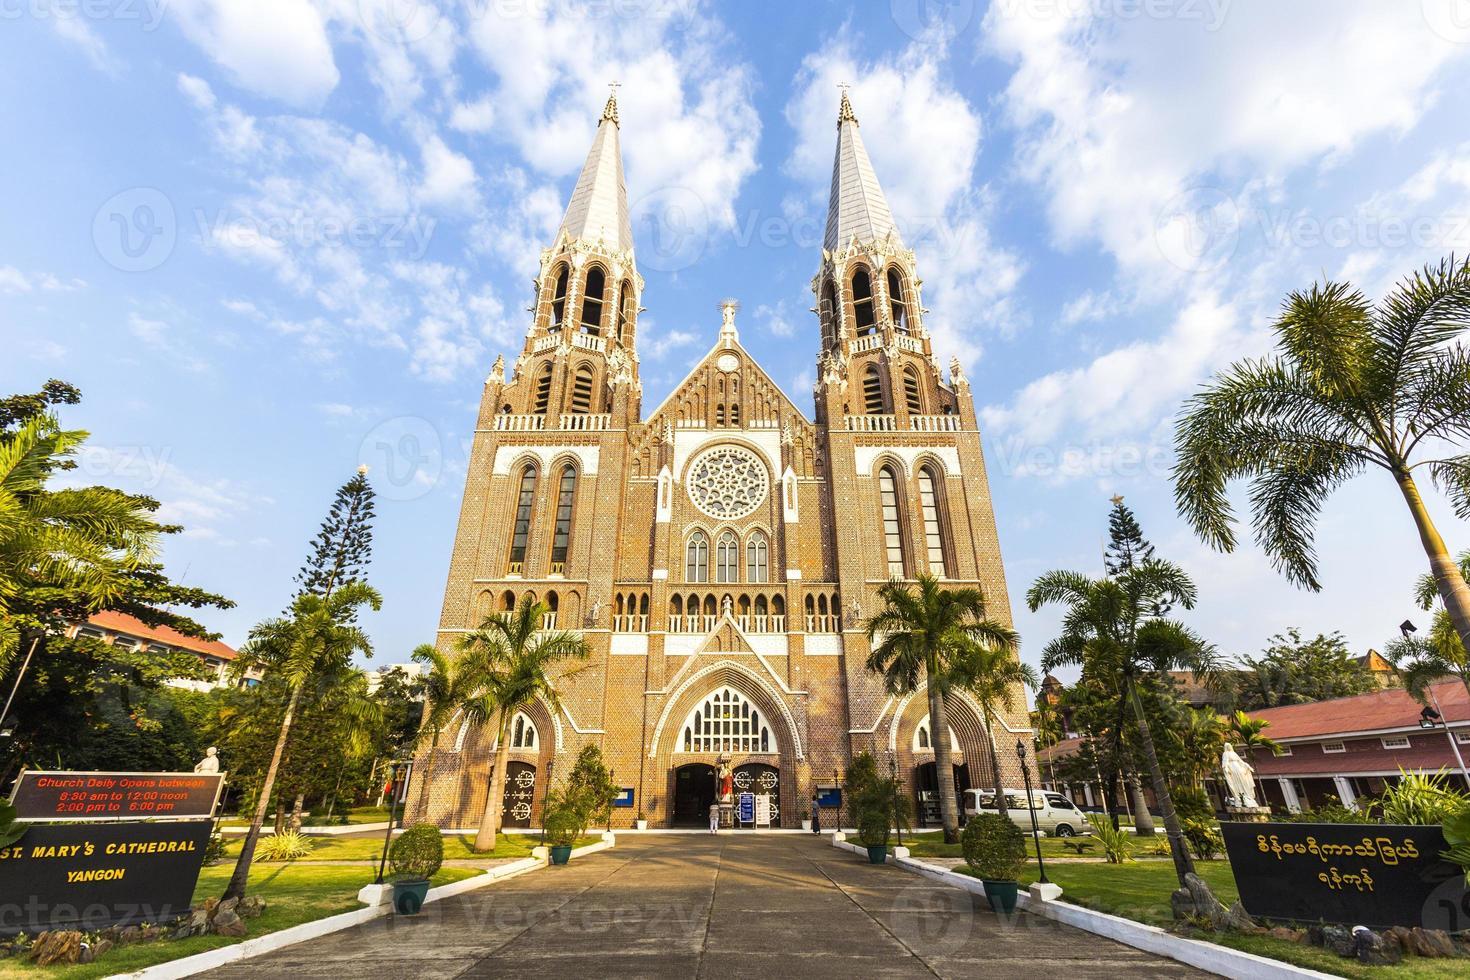 Cattedrale di Santa Maria. Yangon. Myanmar. foto